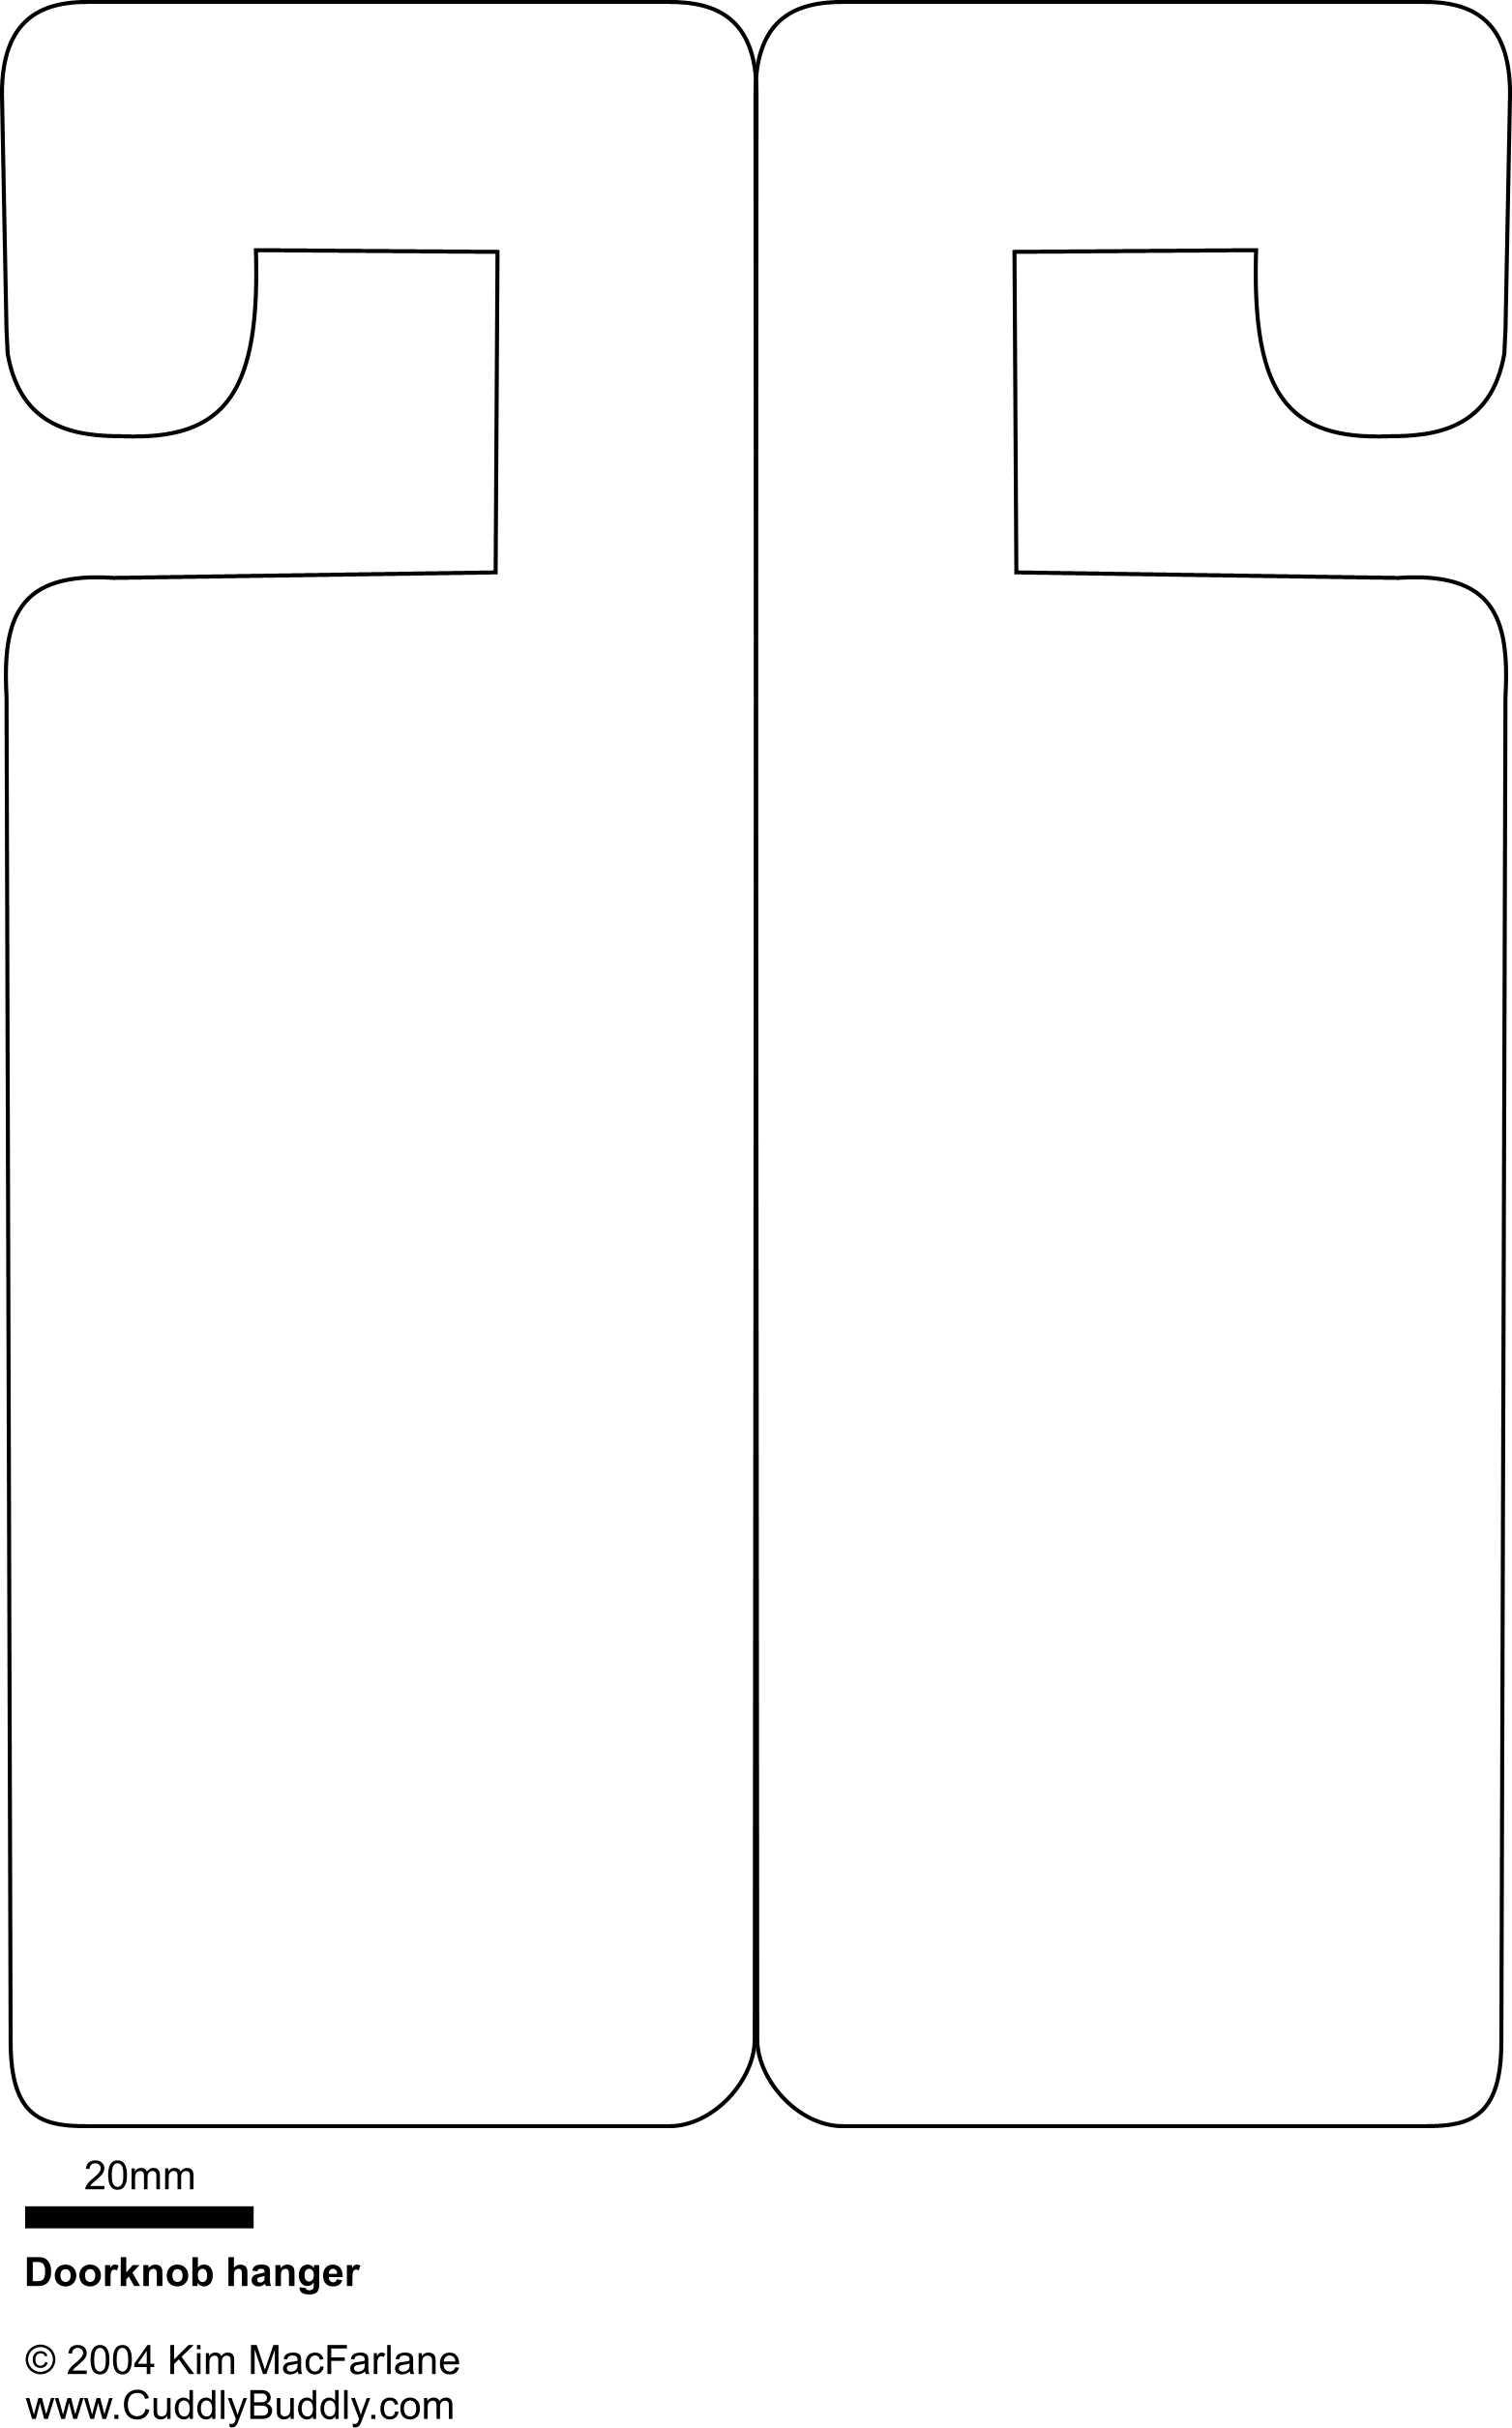 door knob hangers template photo - 15